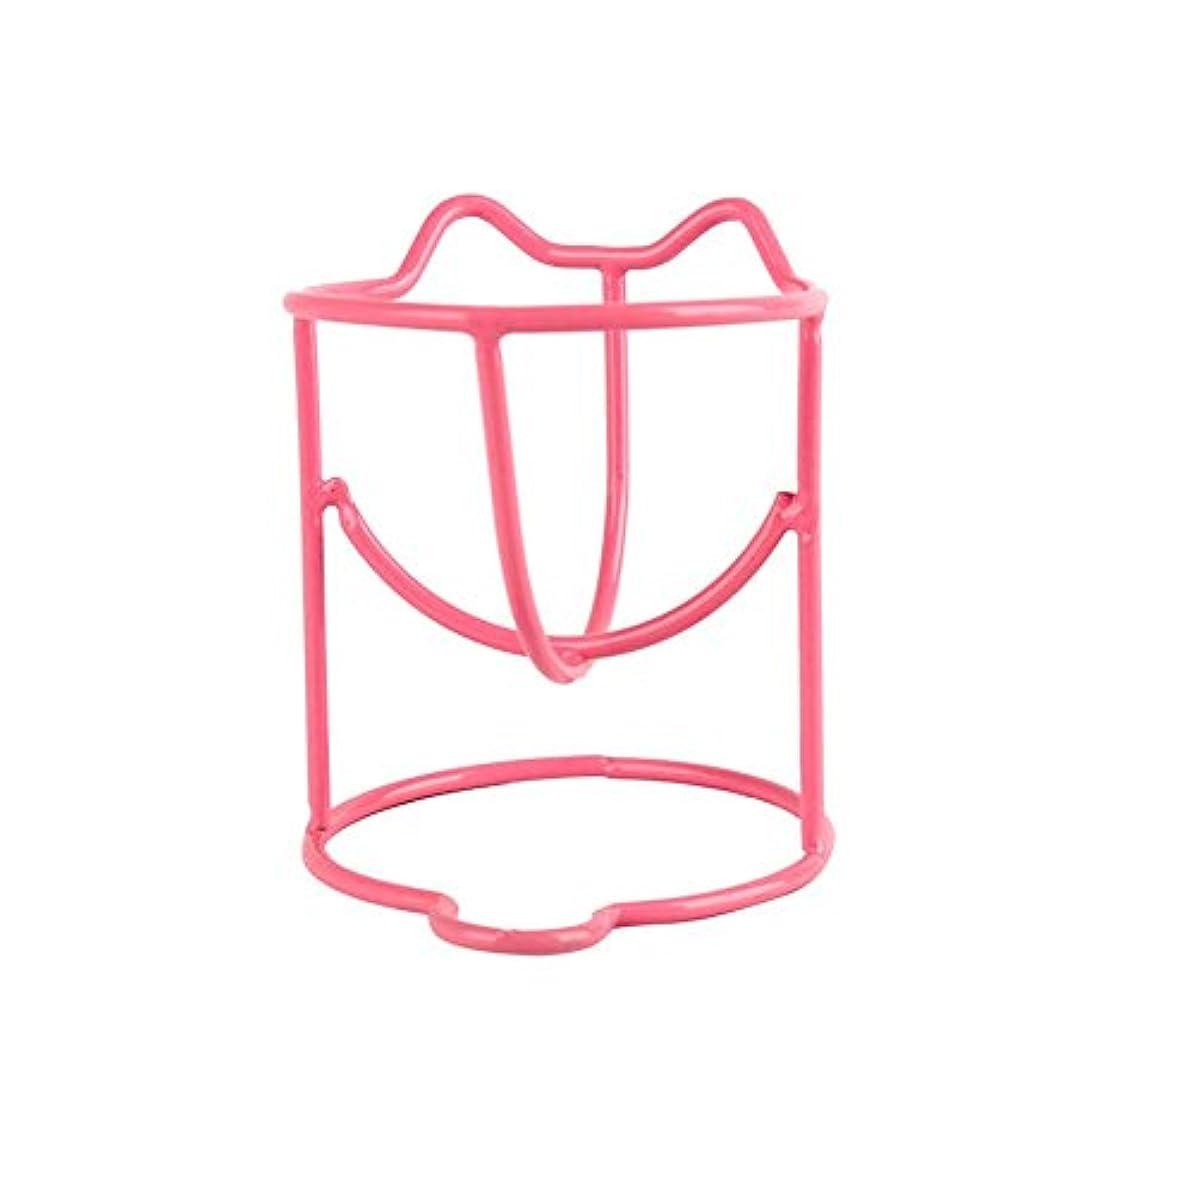 ファッションメイク卵パウダーパフスポンジディスプレイスタンド乾燥ホルダーラックのセット